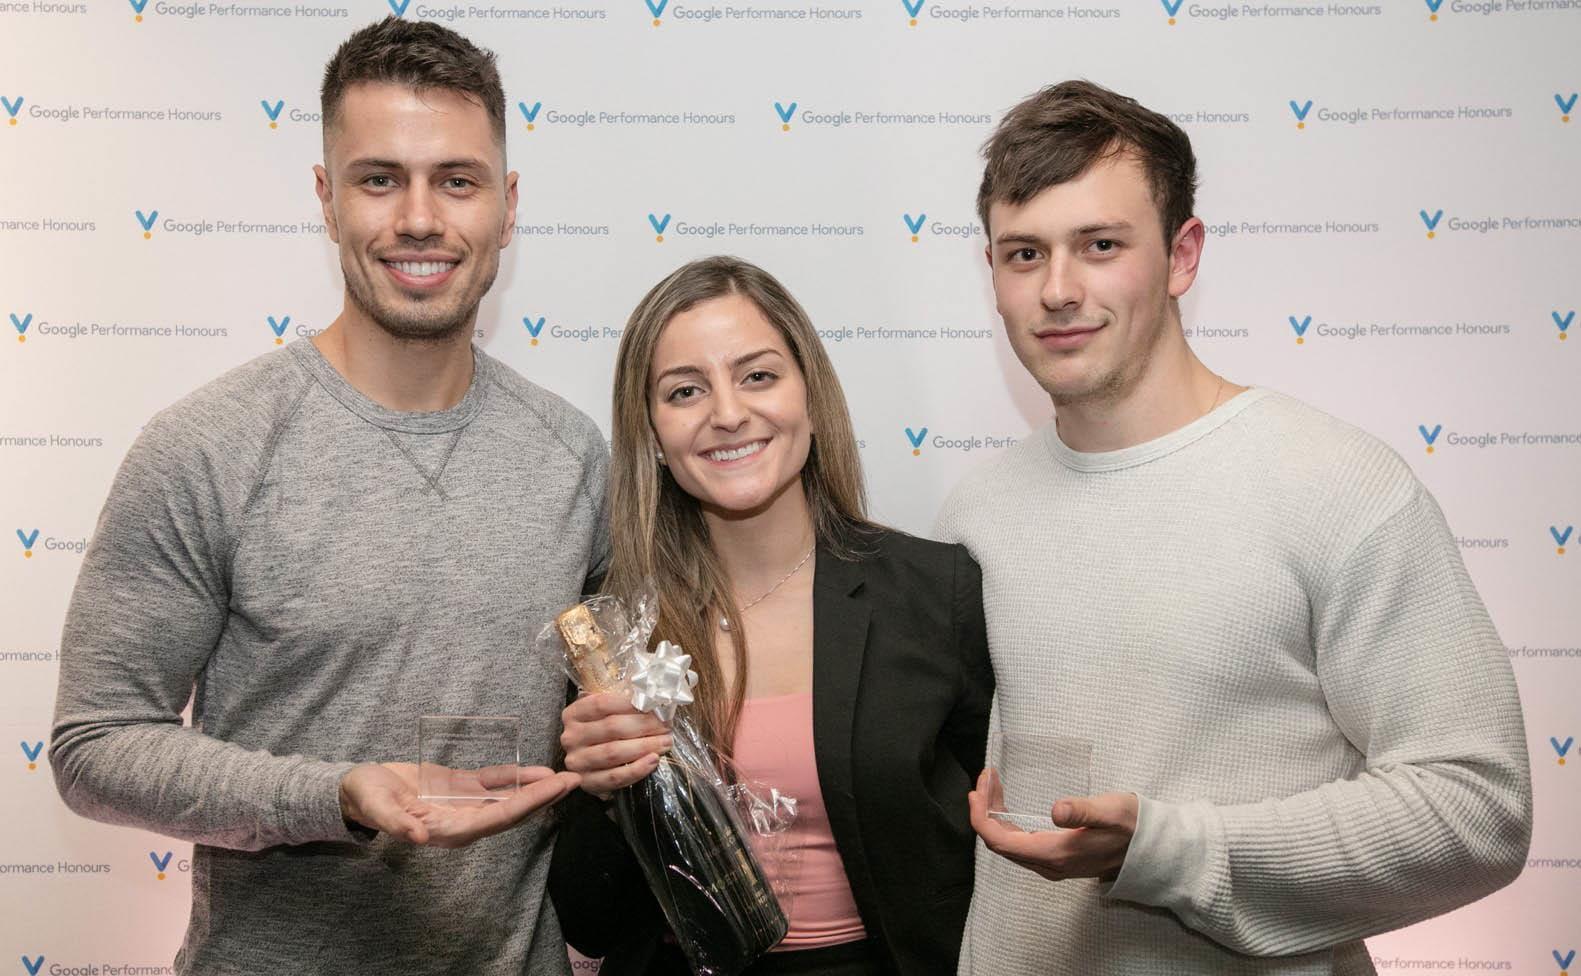 iProspect team members - Mateus, Tamar, Mitch